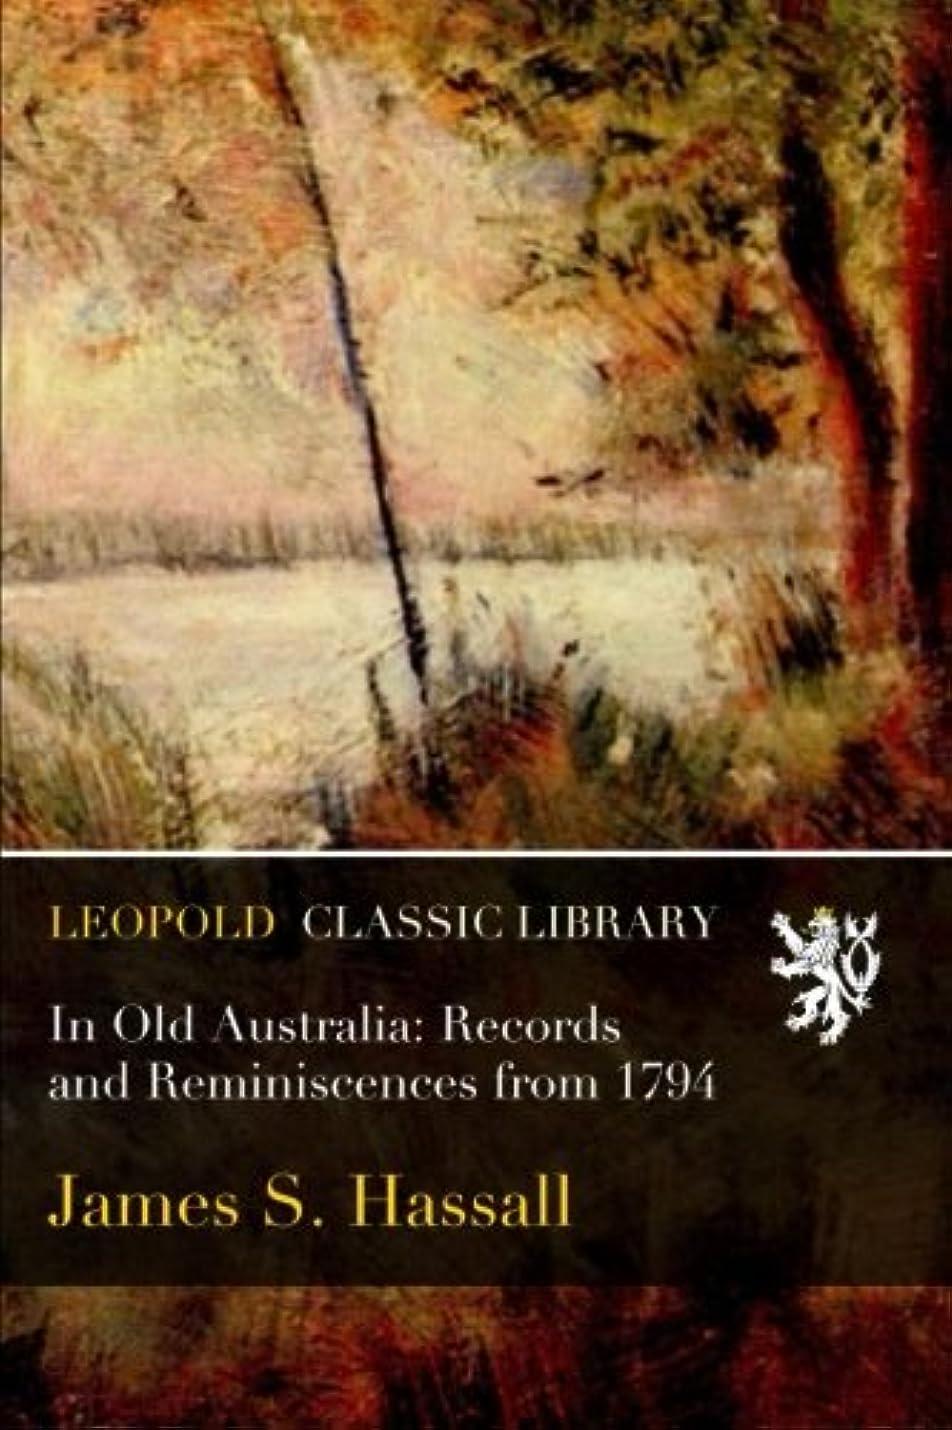 チャップ黙友情In Old Australia: Records and Reminiscences from 1794